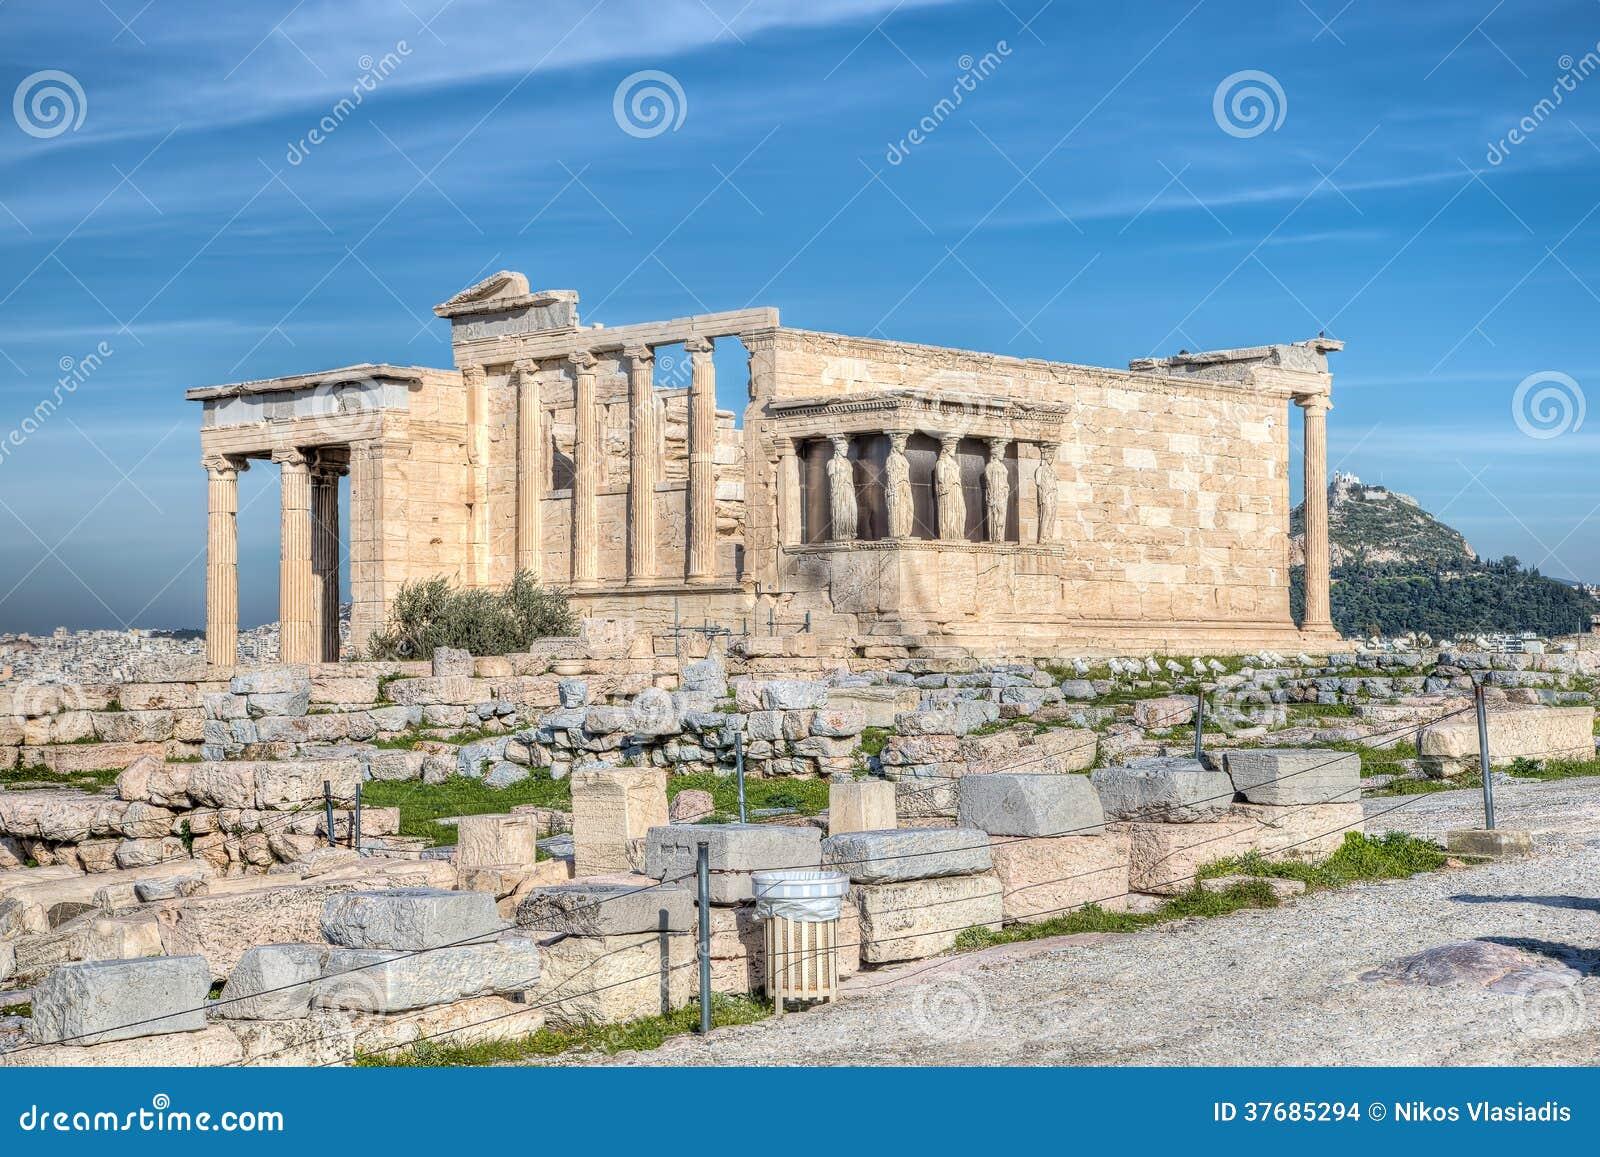 The Erecthion, Athens